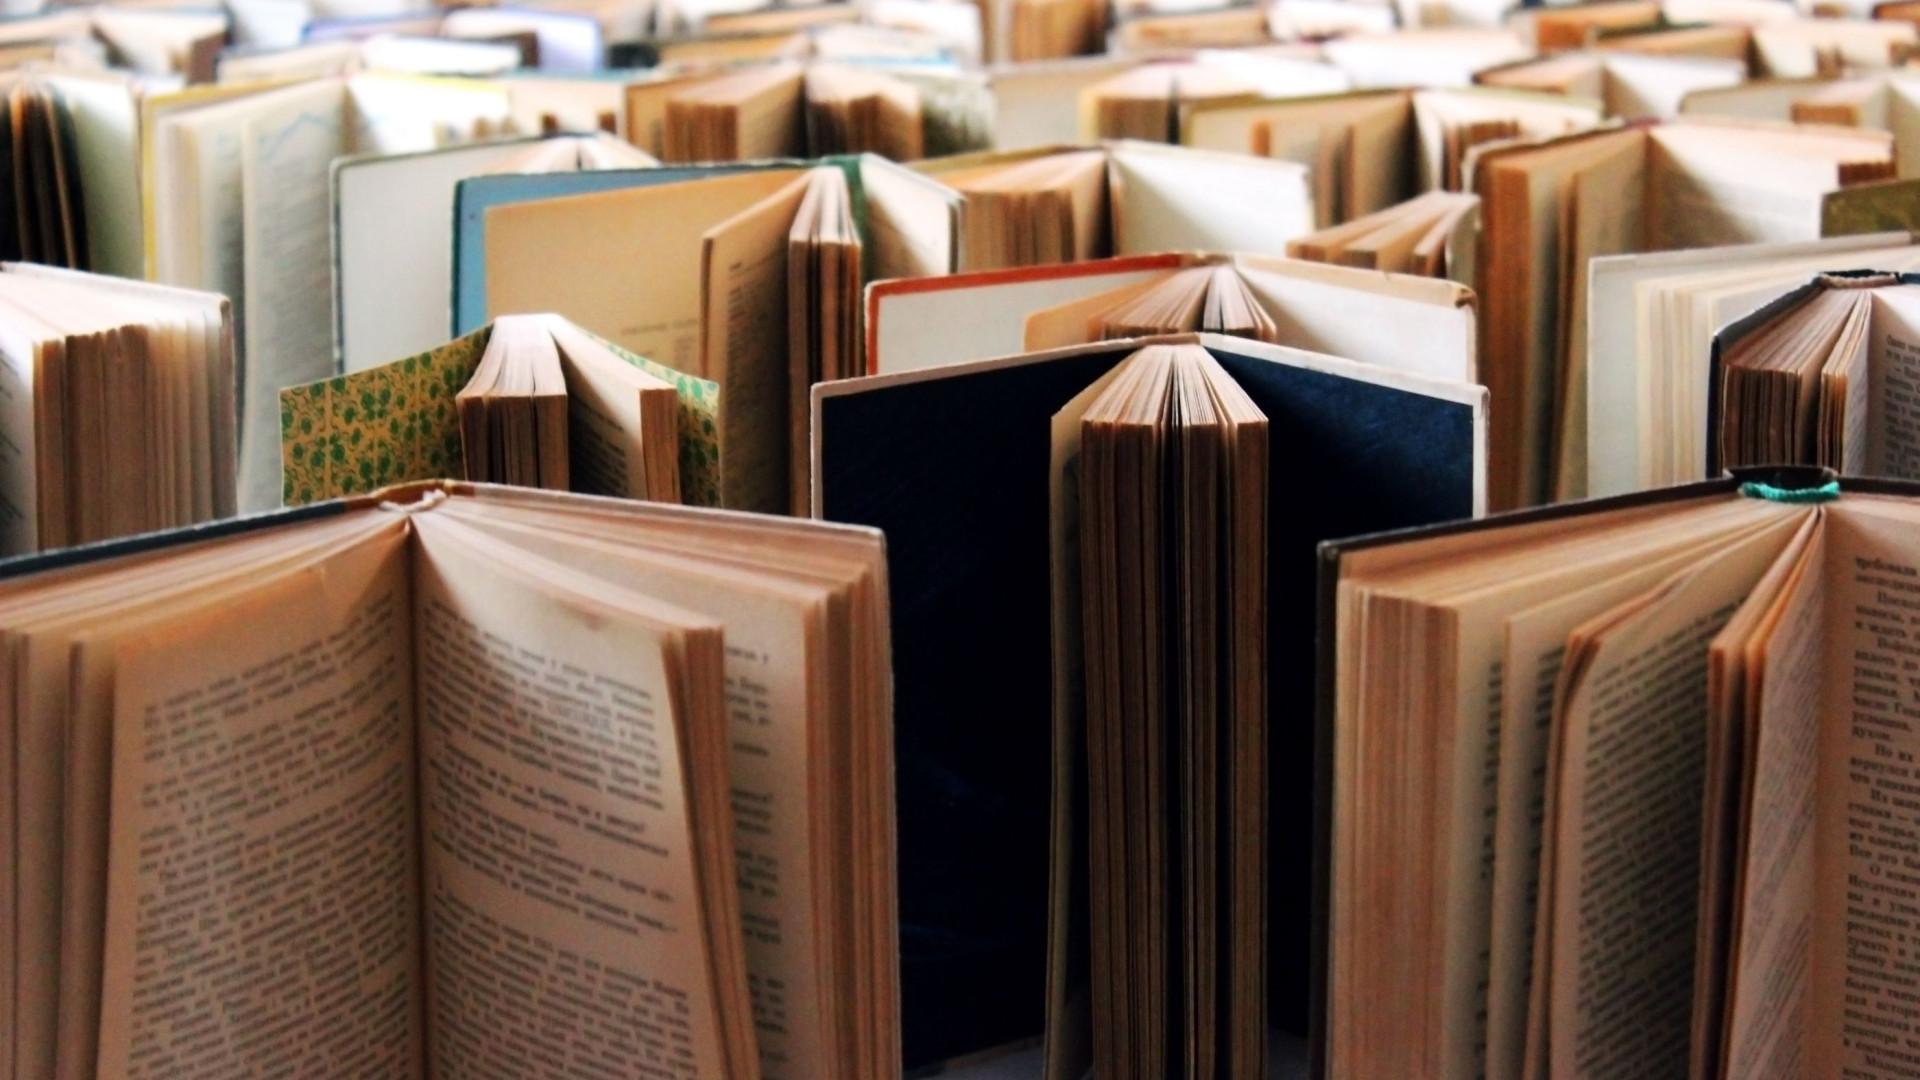 Prémio Literário Novos Talentos: Saiba como participar e até quando